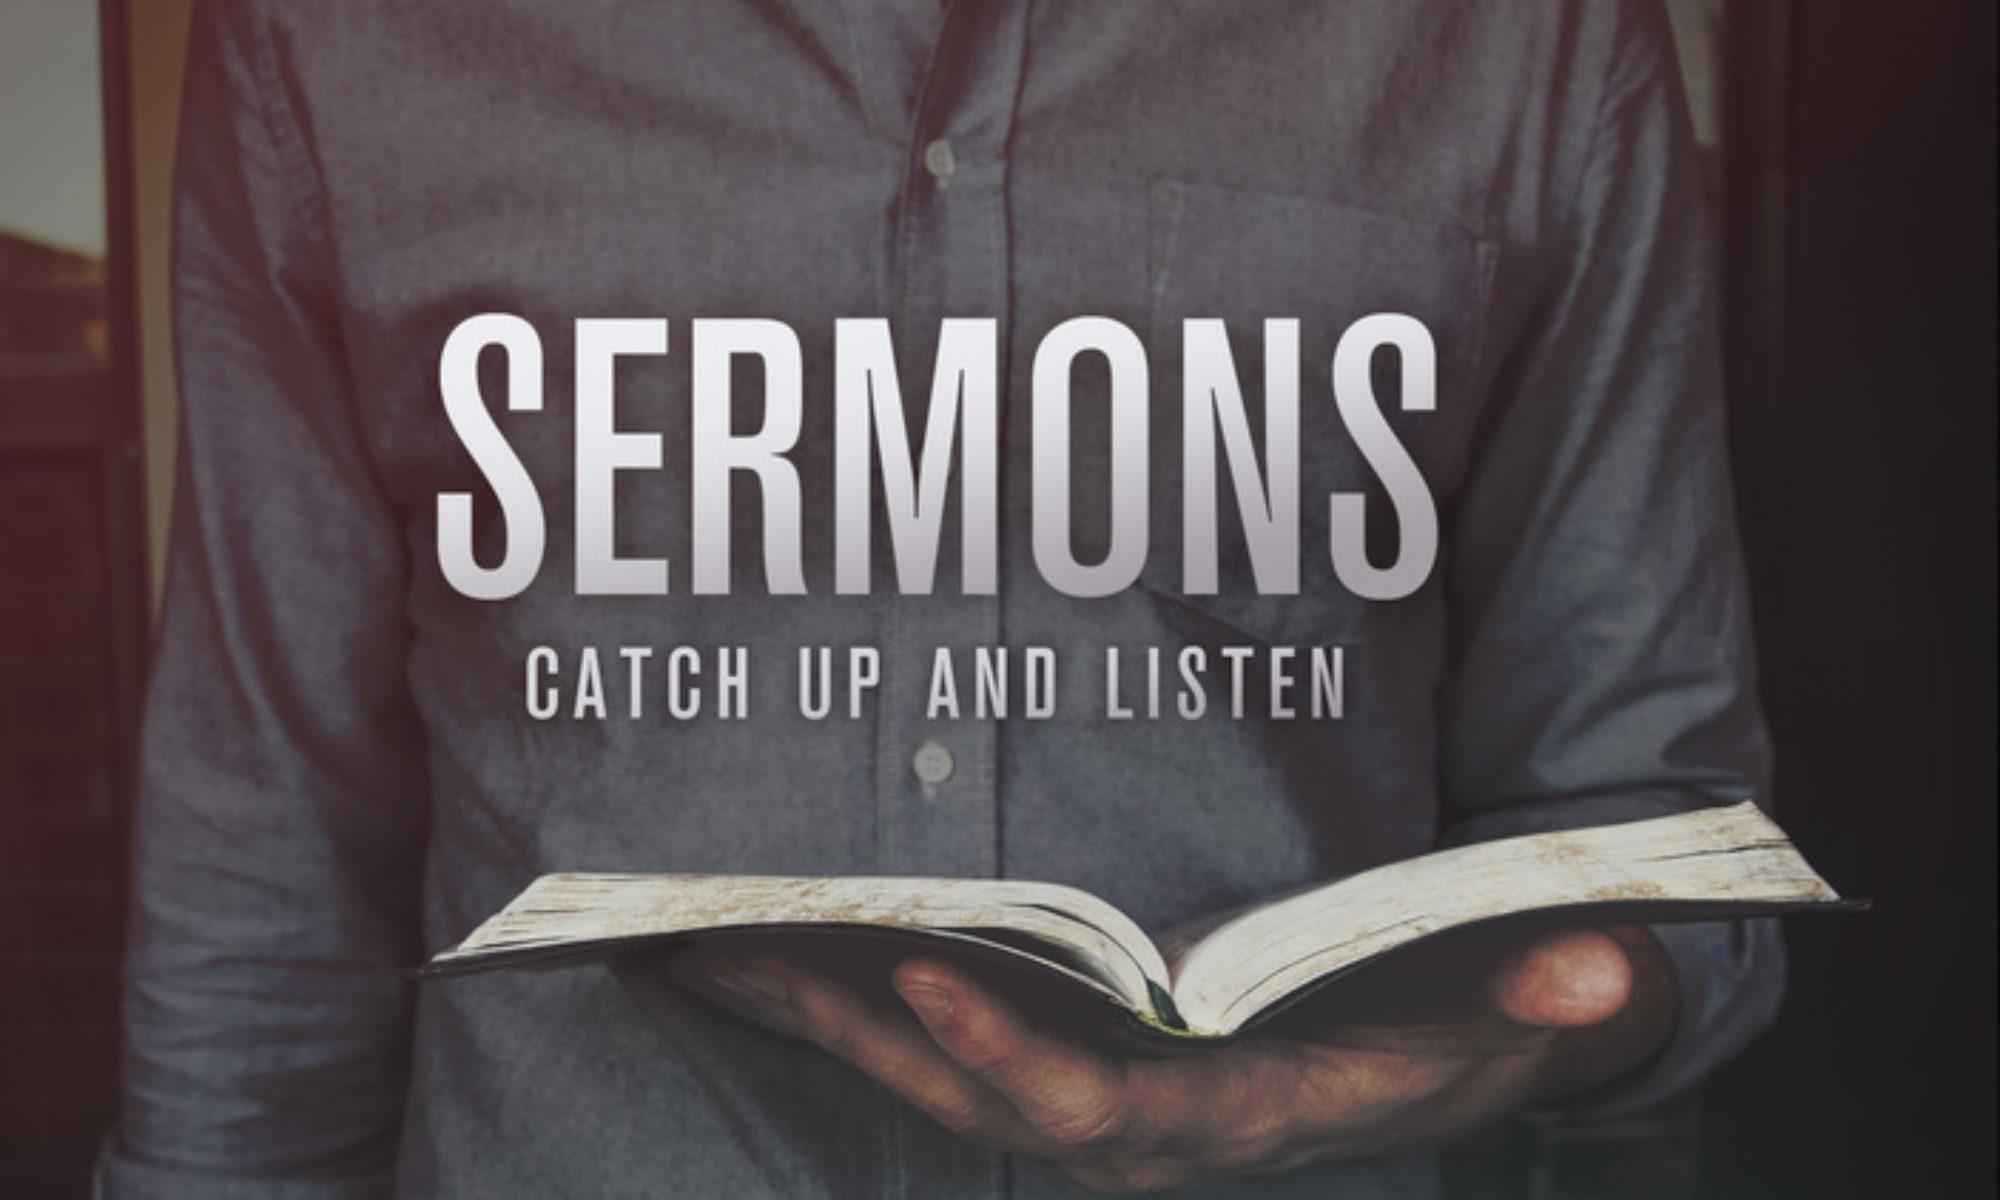 Camanda Sermons